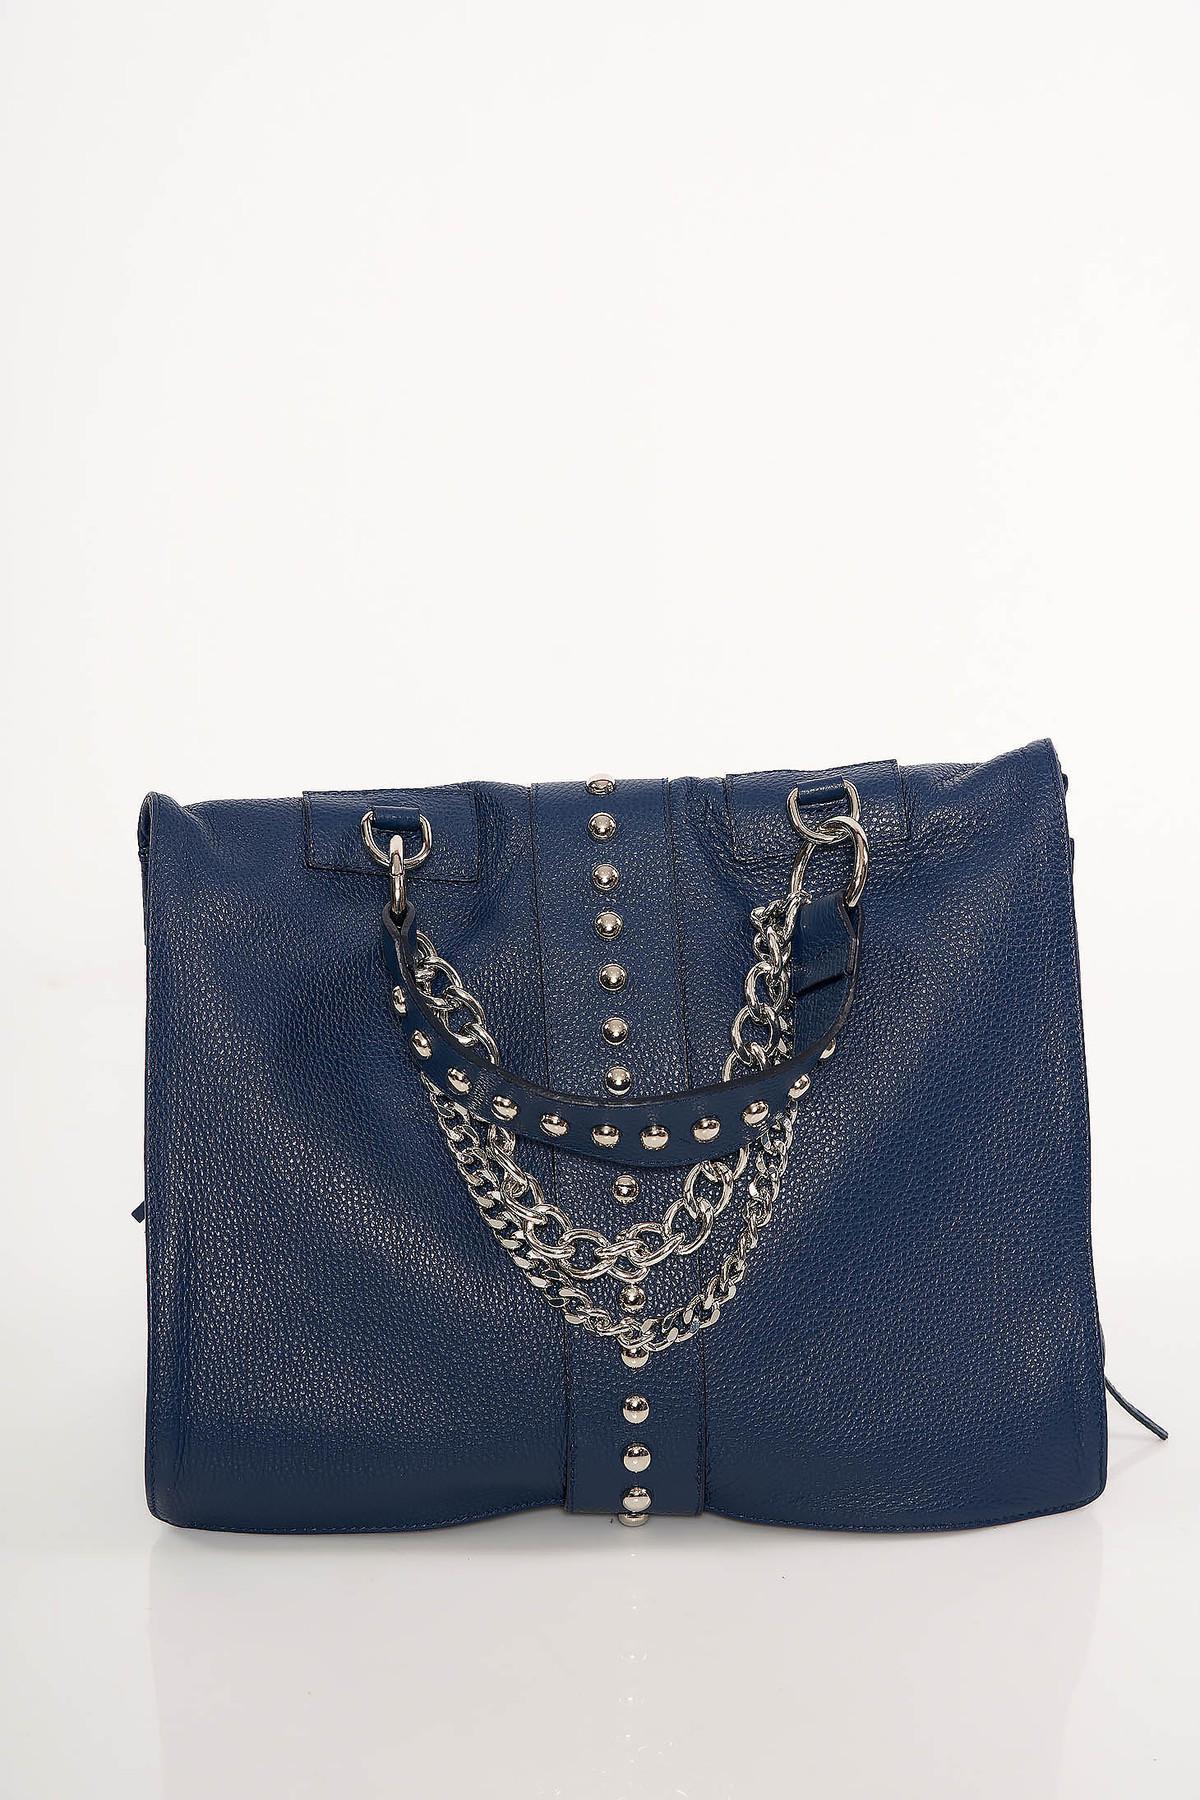 Geanta dama albastru-inchis casual cu tinte metalice